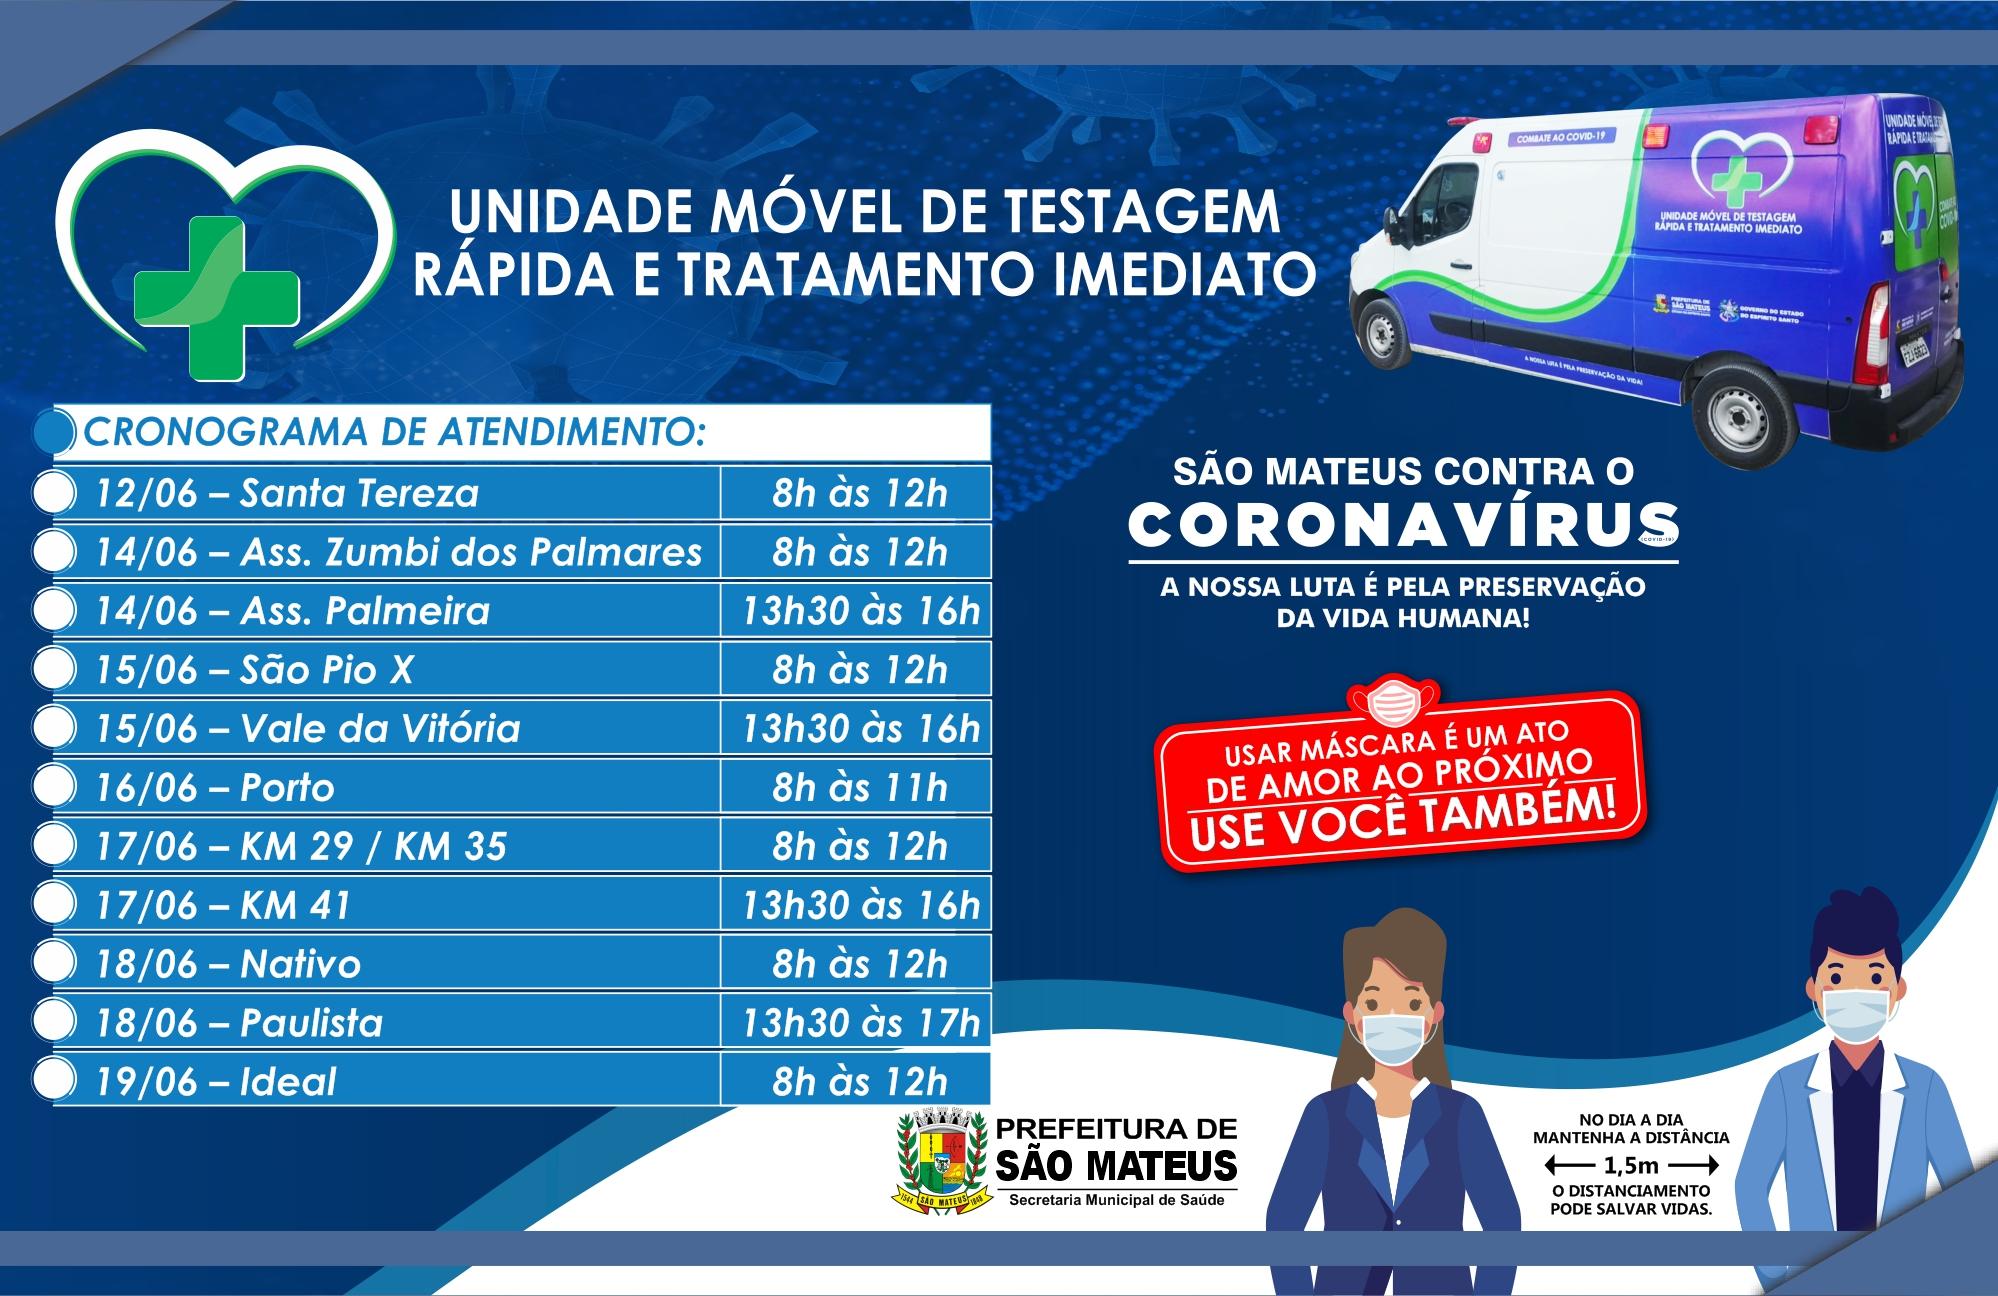 PREFEITURA DE SÃO MATEUS DIVULGA CRONOGRAMA DE ATENDIMENTO DA UNIDADE MÓVEL DE TESTAGEM RÁPIDA DA COVID